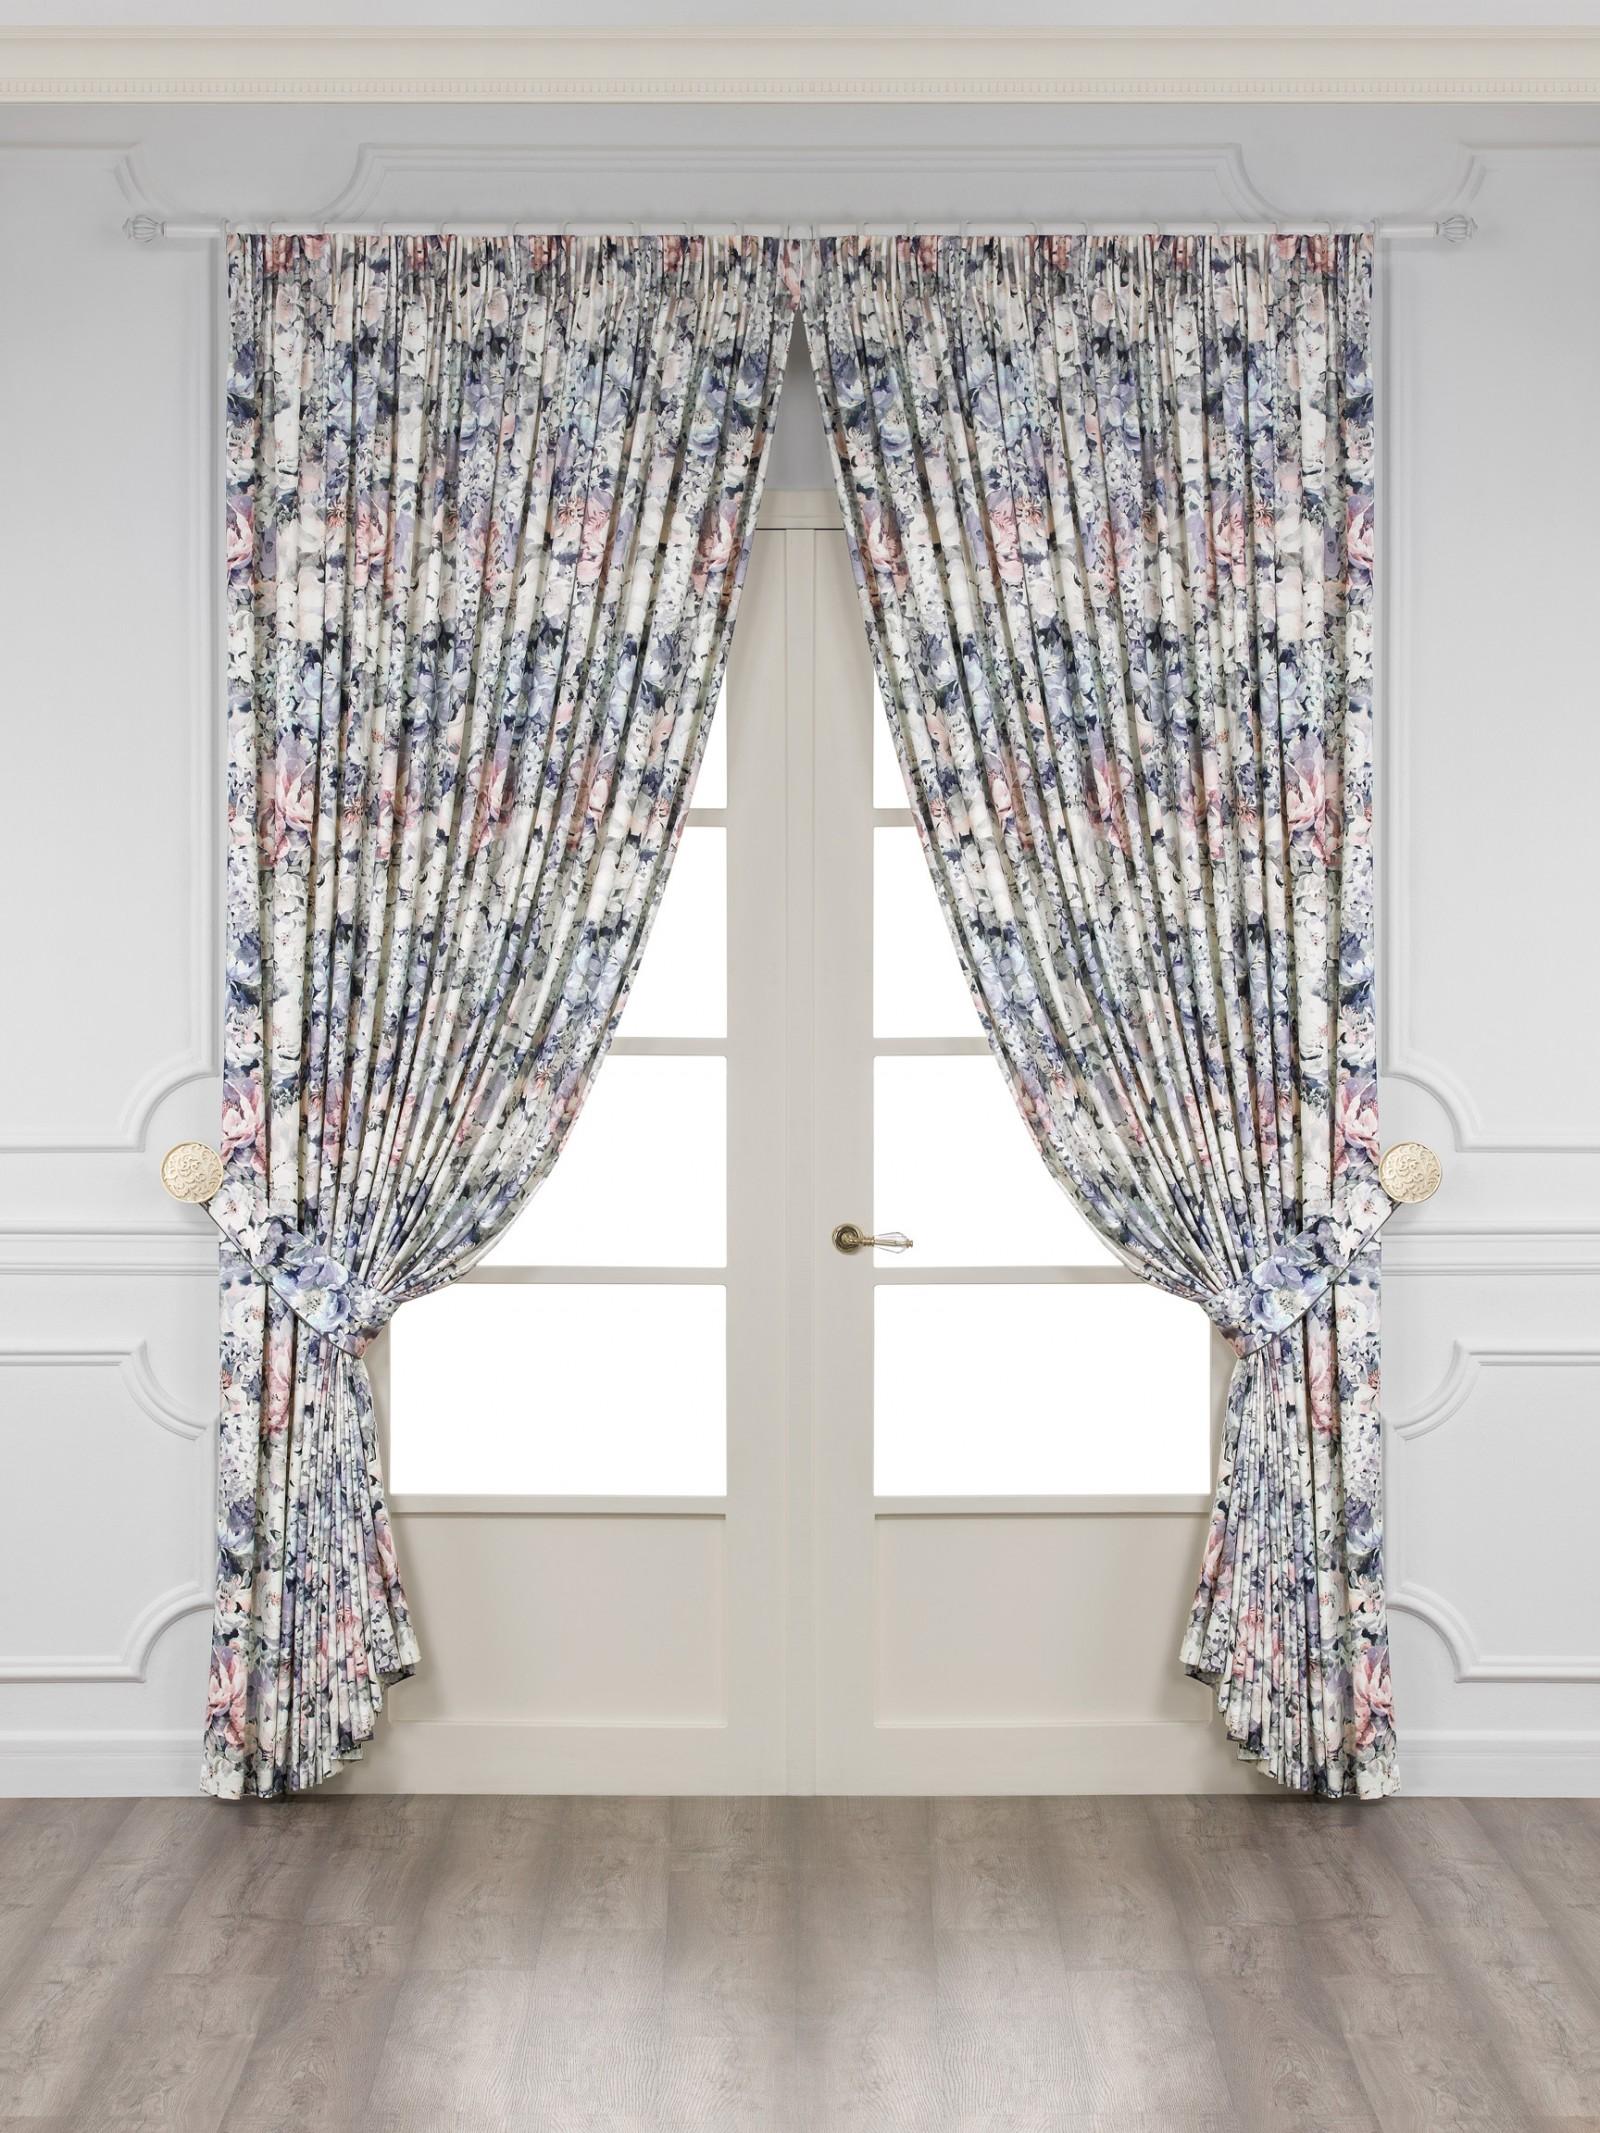 Купить Шторы Togas, Классические шторы Доминик Цвет: Фиолетовый, Греция, Портьерная ткань